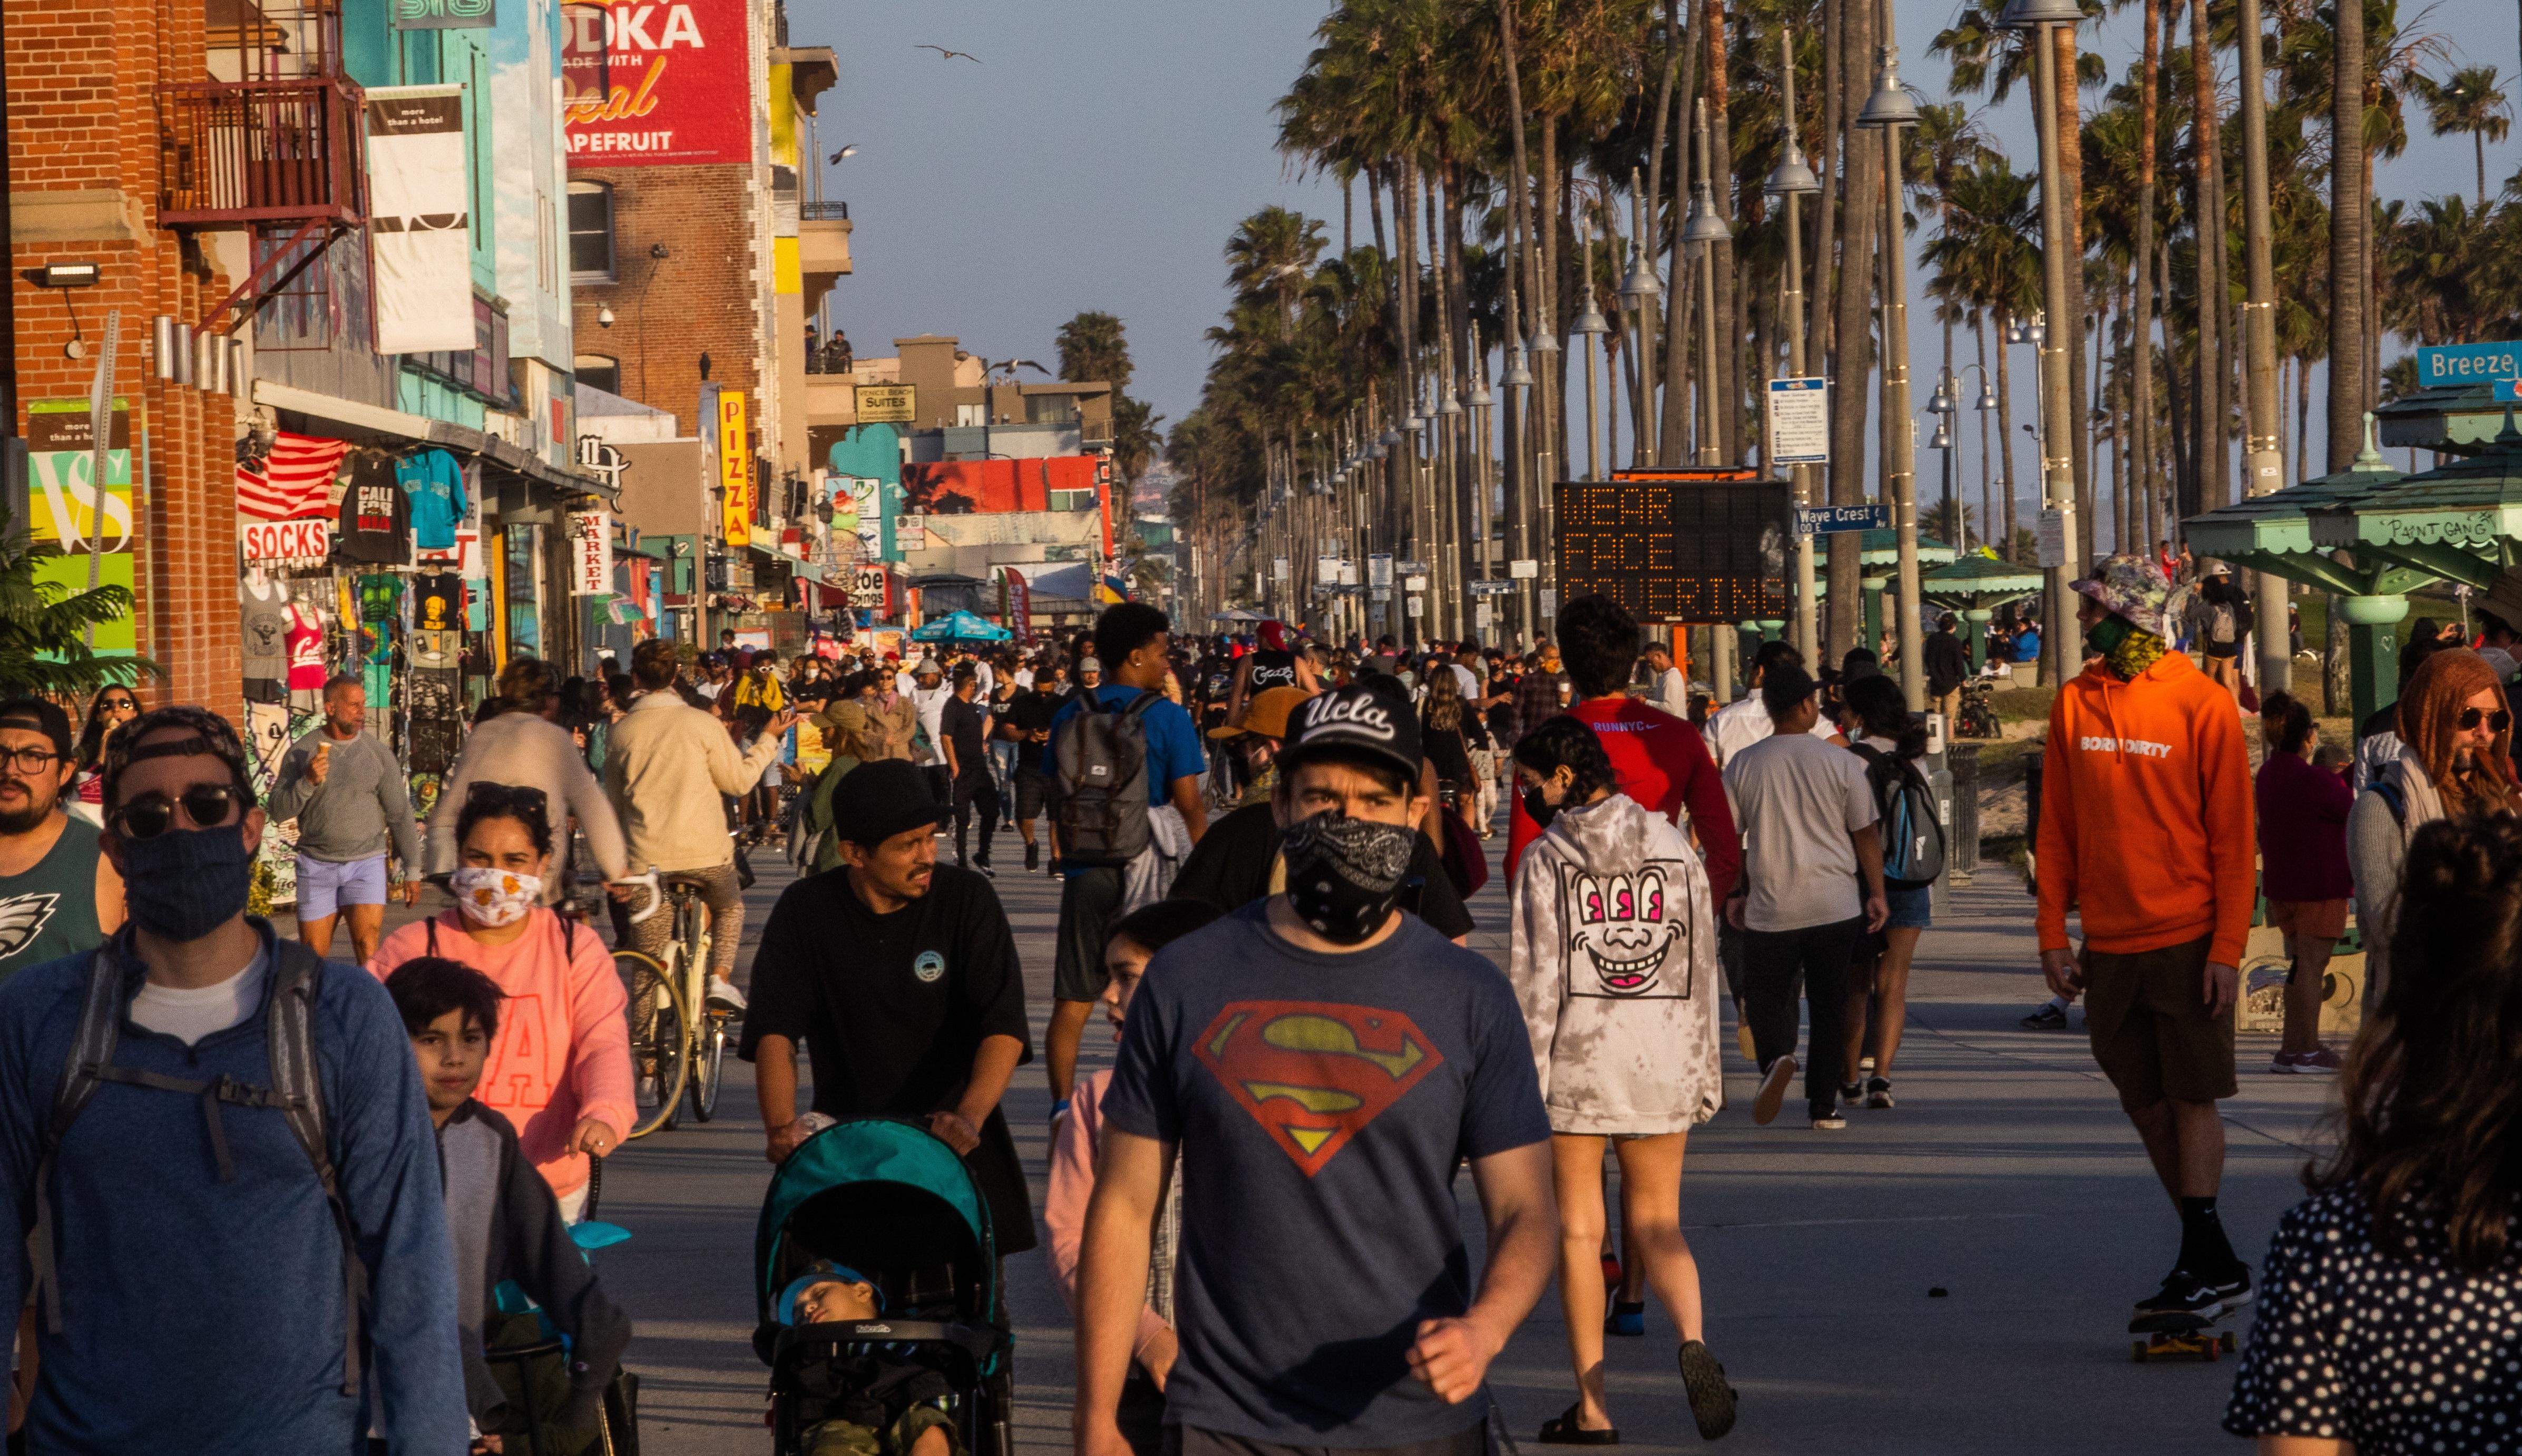 Una multitud en Venice Beach, algunos con mascarillas